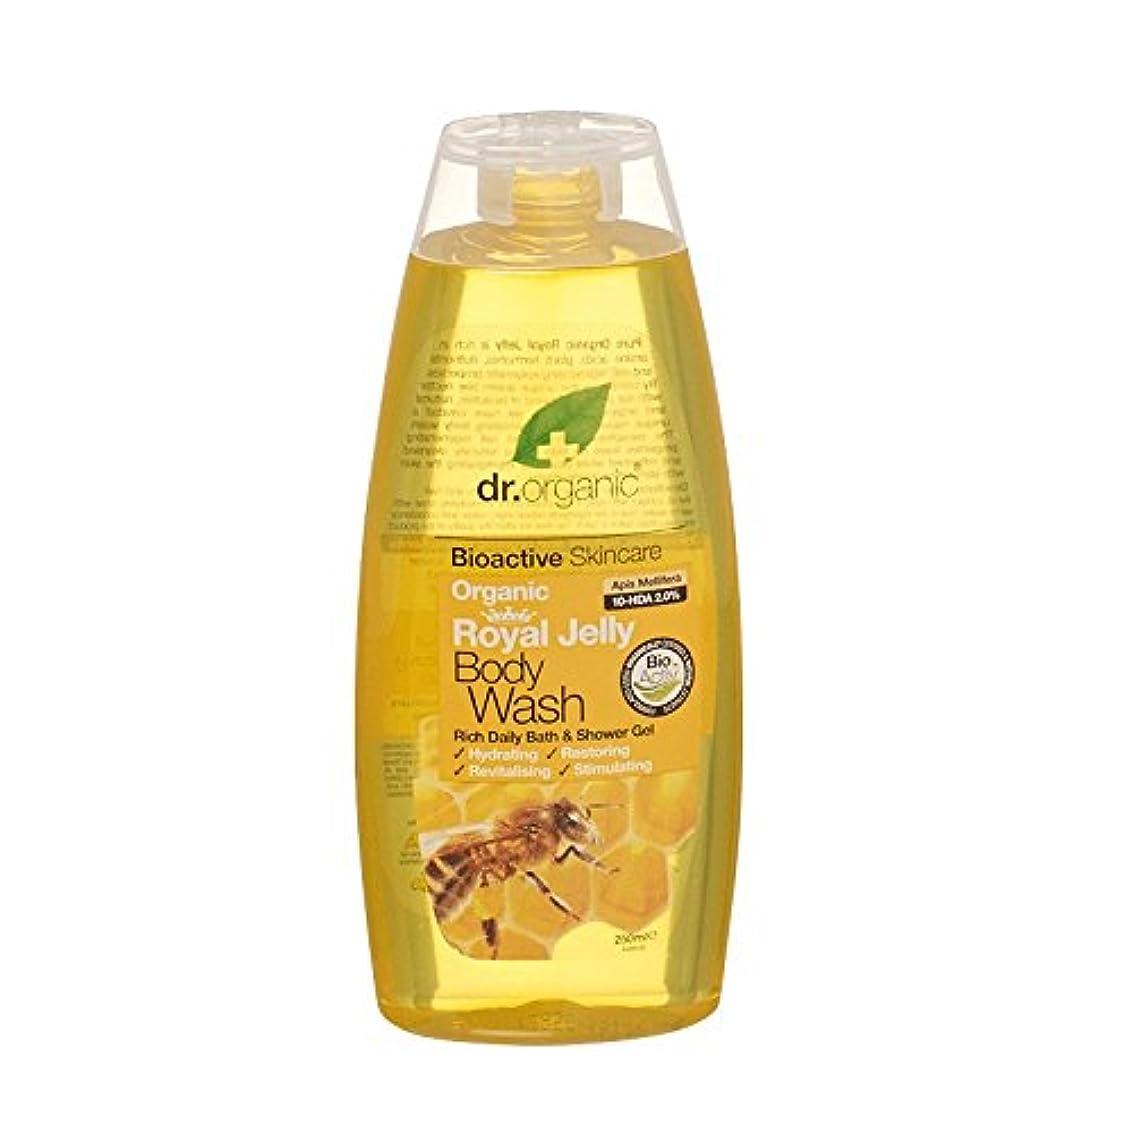 侵略安心させるサバントDr Organic Royal Jelly Body Wash (Pack of 2) - Dr有機ローヤルゼリーボディウォッシュ (x2) [並行輸入品]